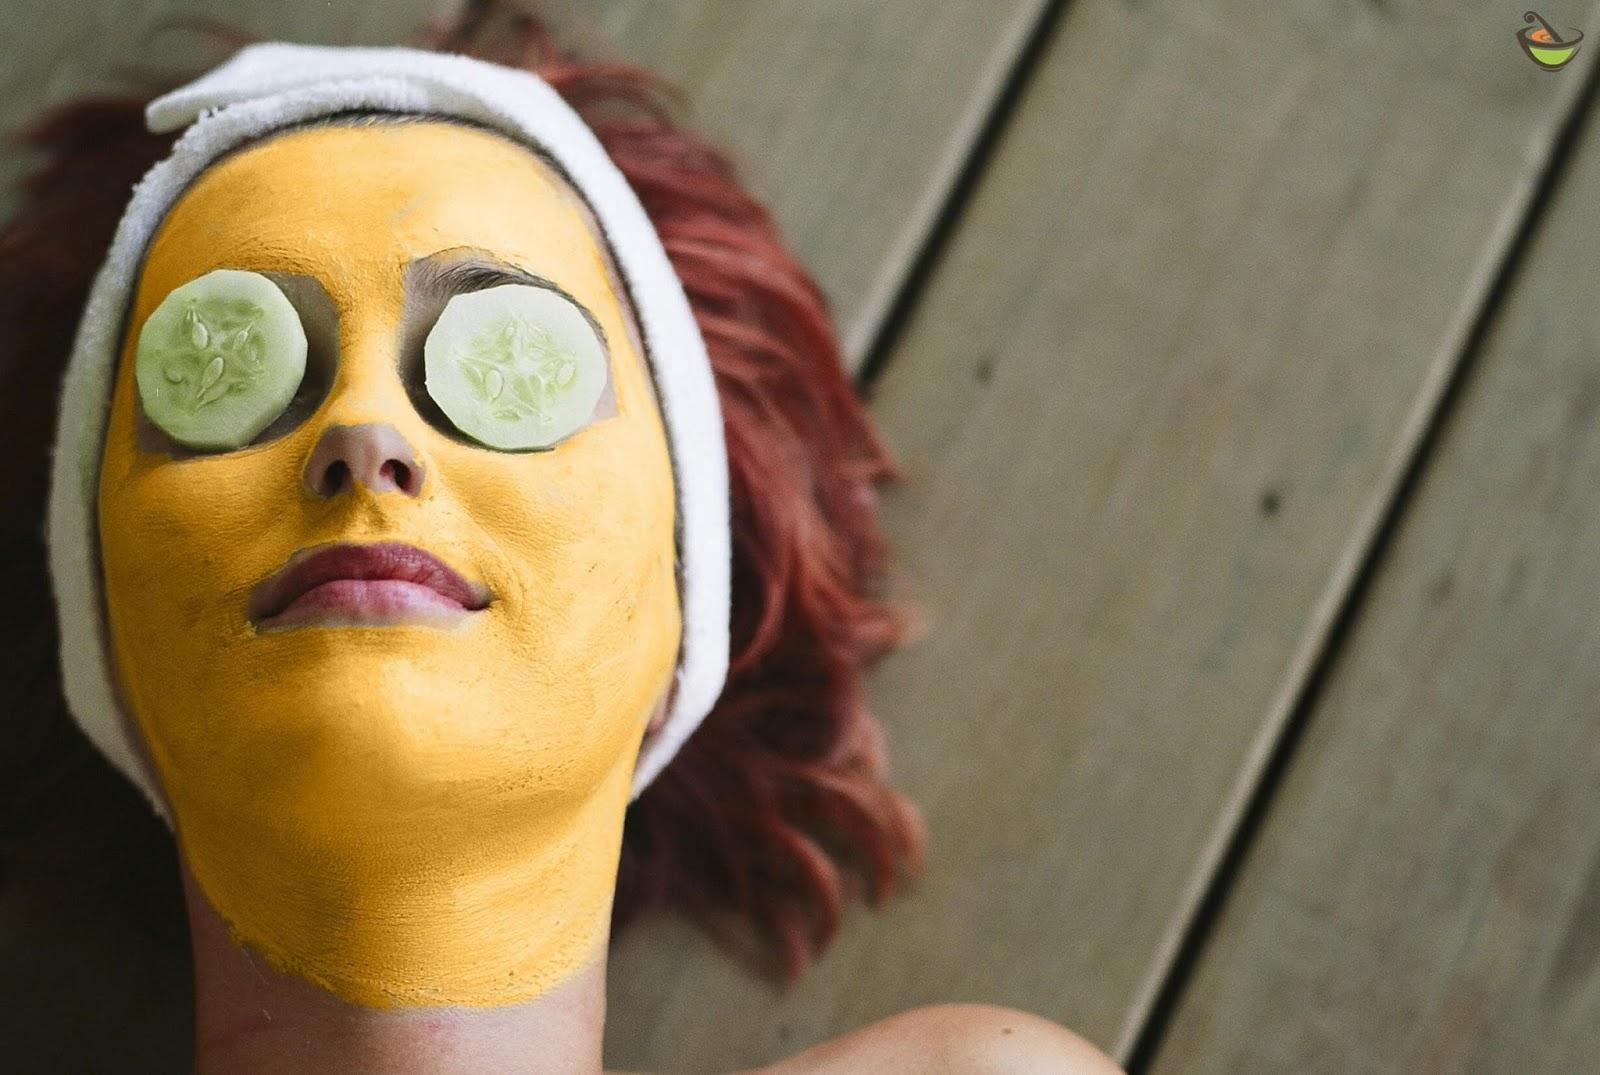 صوره اضرار الكركم على الوجه , هل يوجد مخاطر من وضع كركم على البشرة